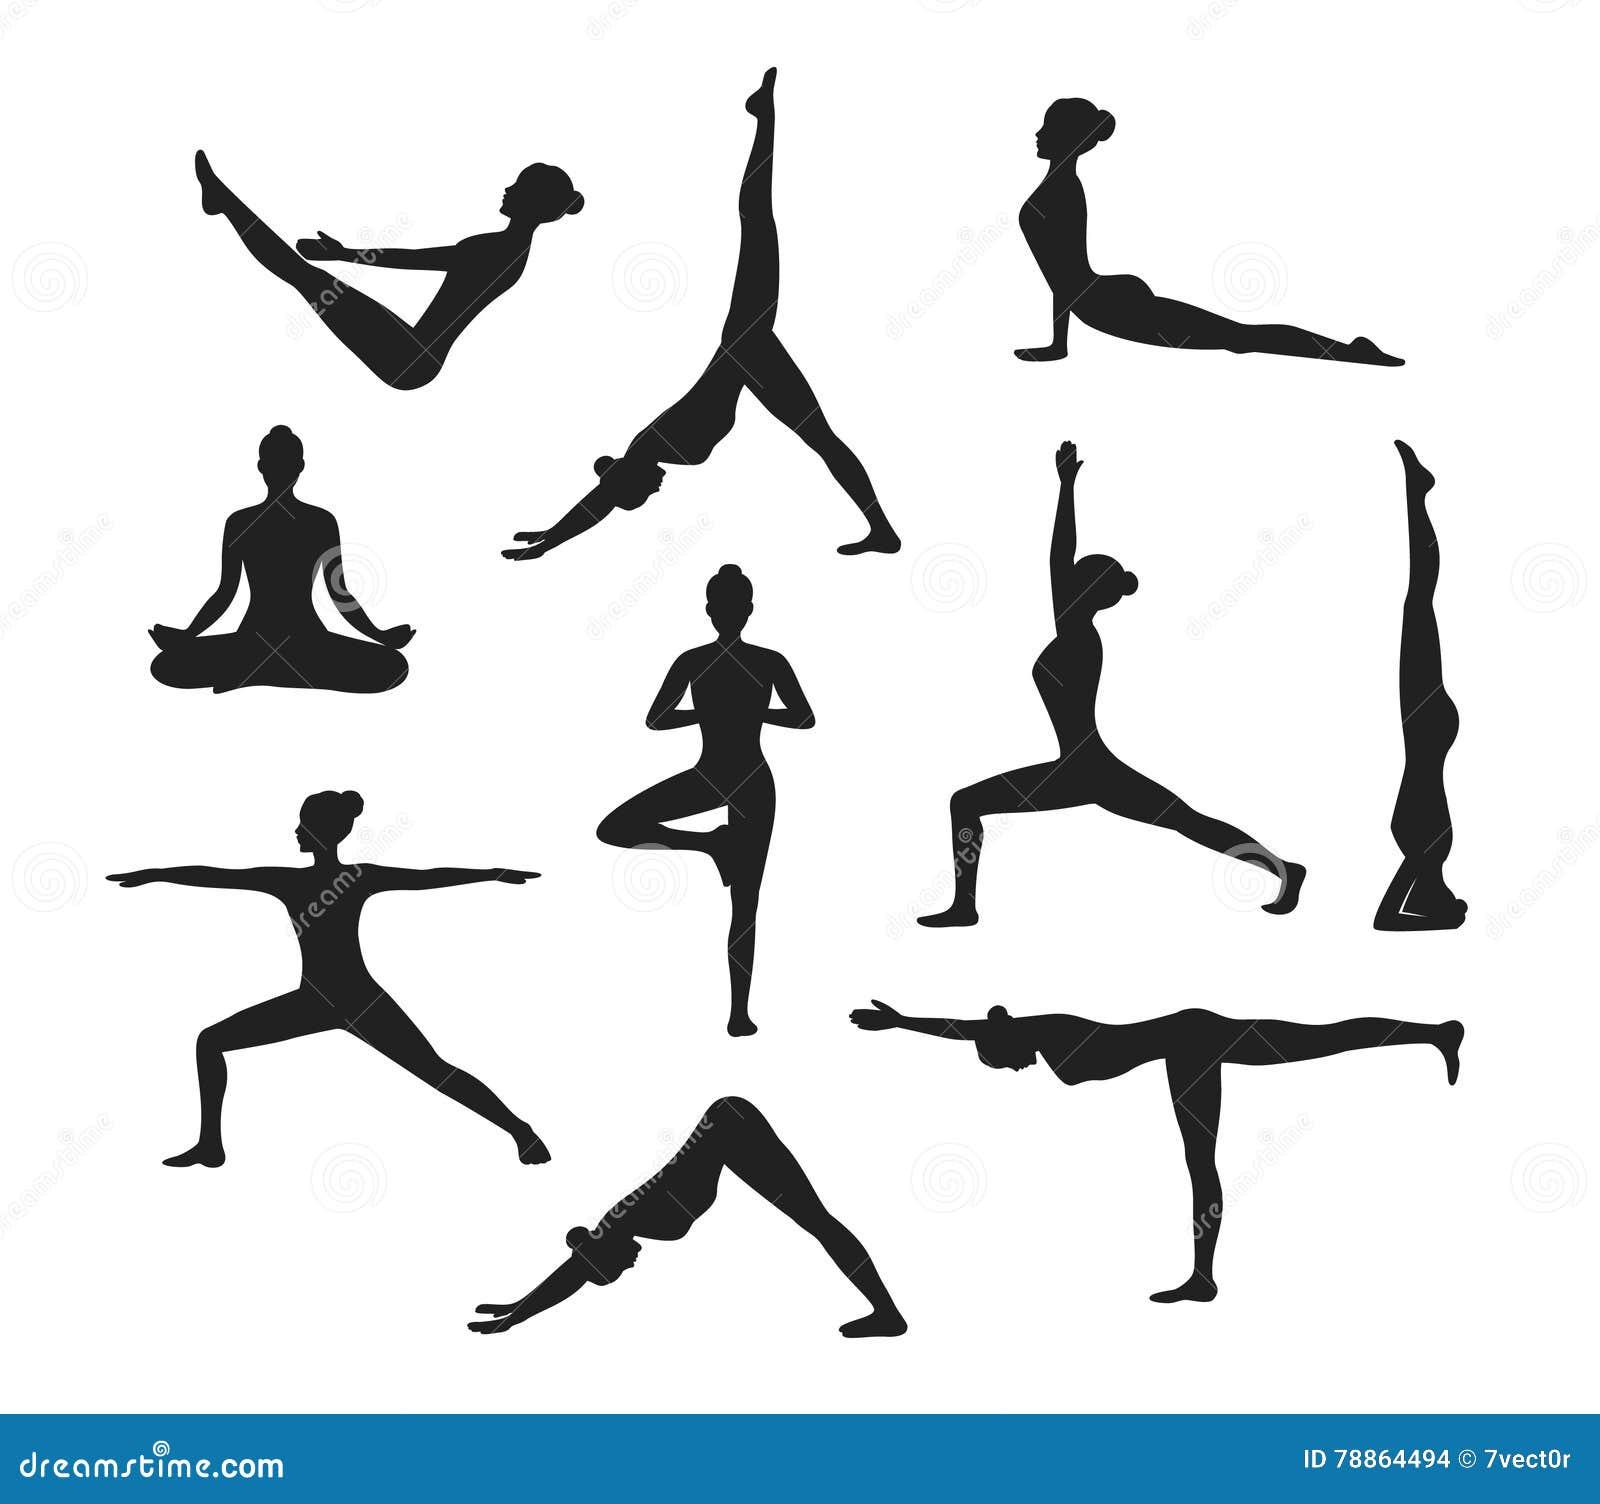 Yoga Asanas Images